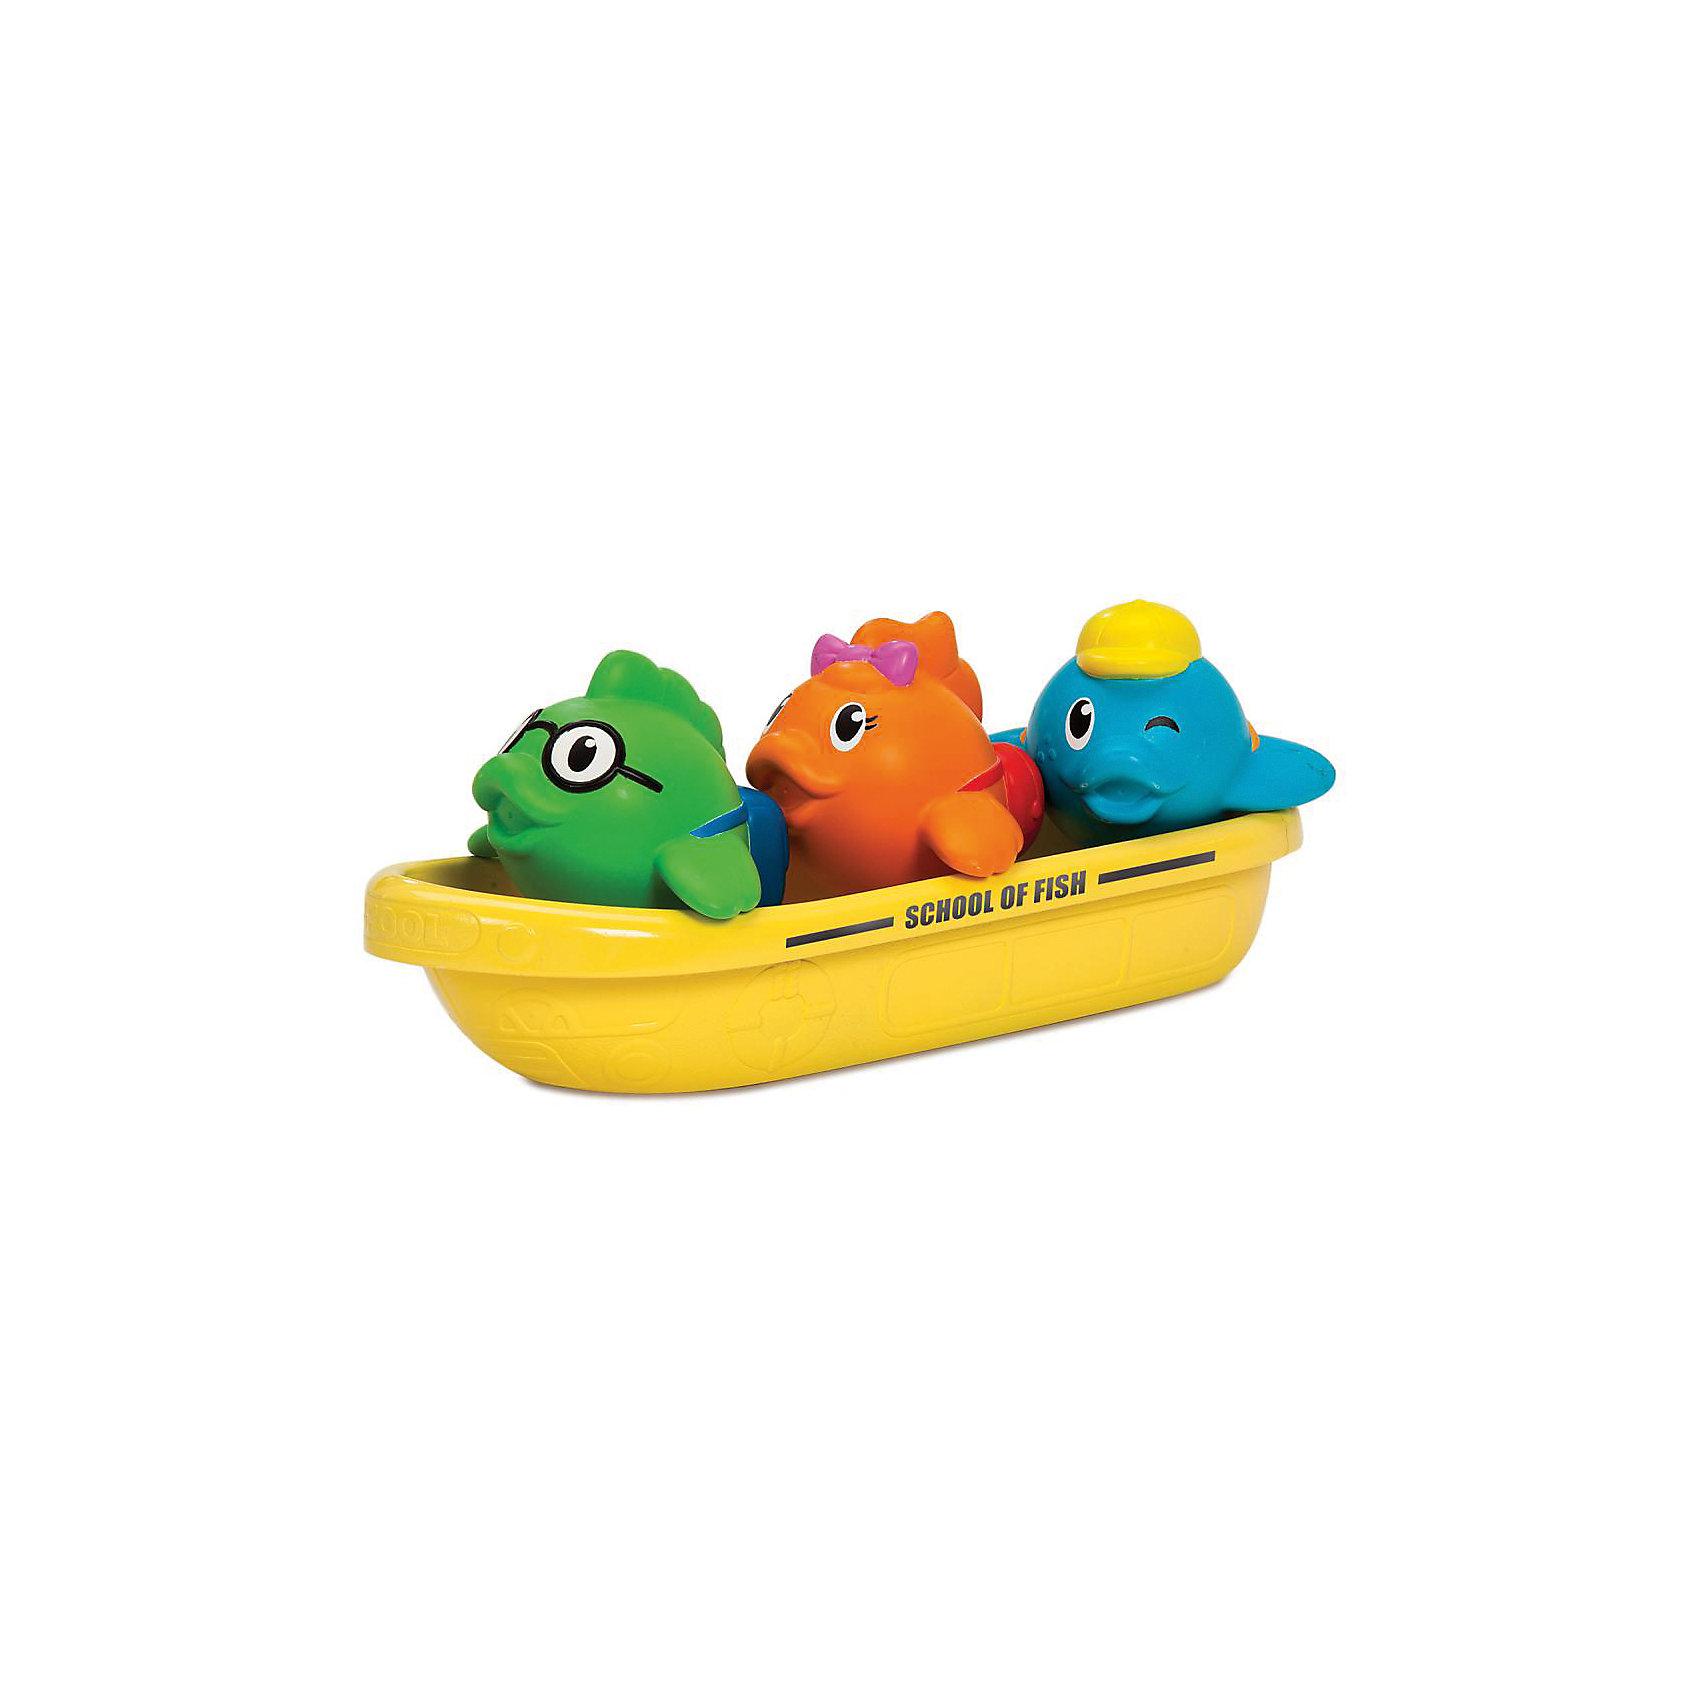 Игрушка для ванны Школа рыбок 12+, MunchkinИгрушки ПВХ<br>Игрушка для ванны Школа рыбок 12+, Munchkin (Манчкин) - непременно понравится вашему малышу и превратит купание в веселую игру!<br>Игрушка для ванны Школа рыбок от Munchkin (Манчкин) станет любимой игрушкой вашего малыша во время купания! Набор состоит из желтой лодки, играющей роль школьного автобуса для трех рыбок. Их внешность выразительно передает характеры «школьников». Зеленая рыбка – прилежный ученик в очках, оранжевая – милая девочка, синяя рыбка в кепке хитро подмигивает, показывая свой задорный нрав. Разноцветные рыбки не только плавают в лодке, но и брызгаются водой. Самой лодочкой можно зачерпывать воду и использовать ее в качестве кувшина для смывания шампуня. Миссия Munchkin (Манчкин), американской компании с 20-летней историей: избавить мир от надоевших и прозаических товаров, искать умные инновационные решения, которые превращает обыденные задачи в опыт, приносящий удовольствие. Понимая, что наибольшее значение в быту имеют именно мелочи, компания создает уникальные товары, которые помогают поддерживать порядок, организовывать пространство, облегчают уход за детьми – недаром компания имеет уже более 140 патентов и изобретений, используемых в создании ее неповторимой и оригинальной продукции. Munchkin (Манчкин) делает жизнь родителей легче!<br><br>Дополнительная информация:<br><br>- Для детей с 12 месяцев<br>- В наборе: лодочка, три рыбки-брызгалки<br>- Материал: пластмасса, резина<br>- Размер упаковки: 9х18х17 см.<br>- Вес: 200 гр.<br><br>Игрушку для ванны Школа рыбок 12+, Munchkin (Манчкин) можно купить в нашем интернет-магазине.<br><br>Ширина мм: 90<br>Глубина мм: 180<br>Высота мм: 170<br>Вес г: 200<br>Возраст от месяцев: 12<br>Возраст до месяцев: 36<br>Пол: Унисекс<br>Возраст: Детский<br>SKU: 4701931